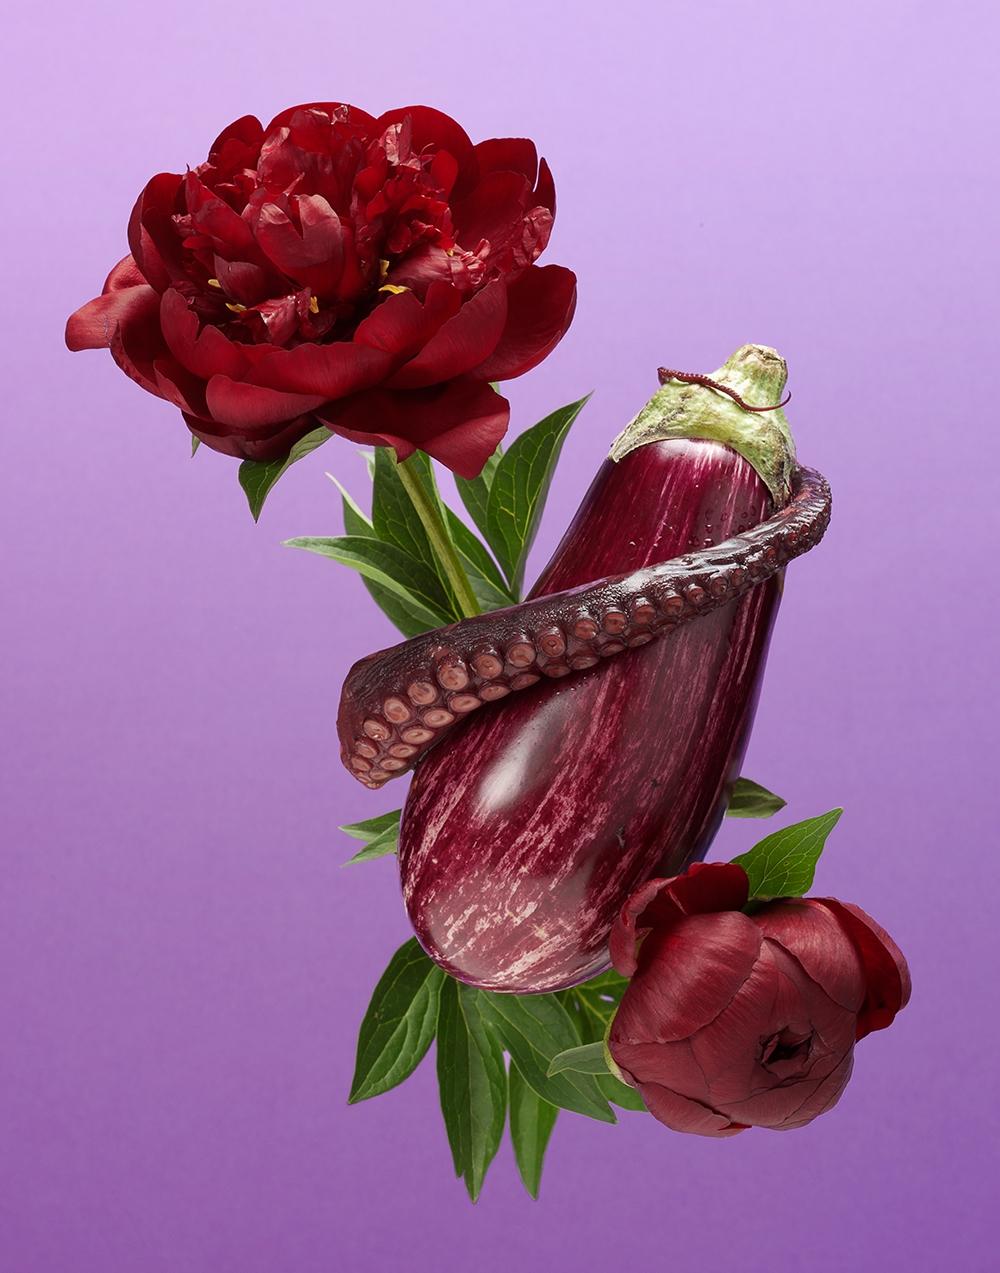 Purple Aubergine Octopus Peony RET 11X14 LR.jpg